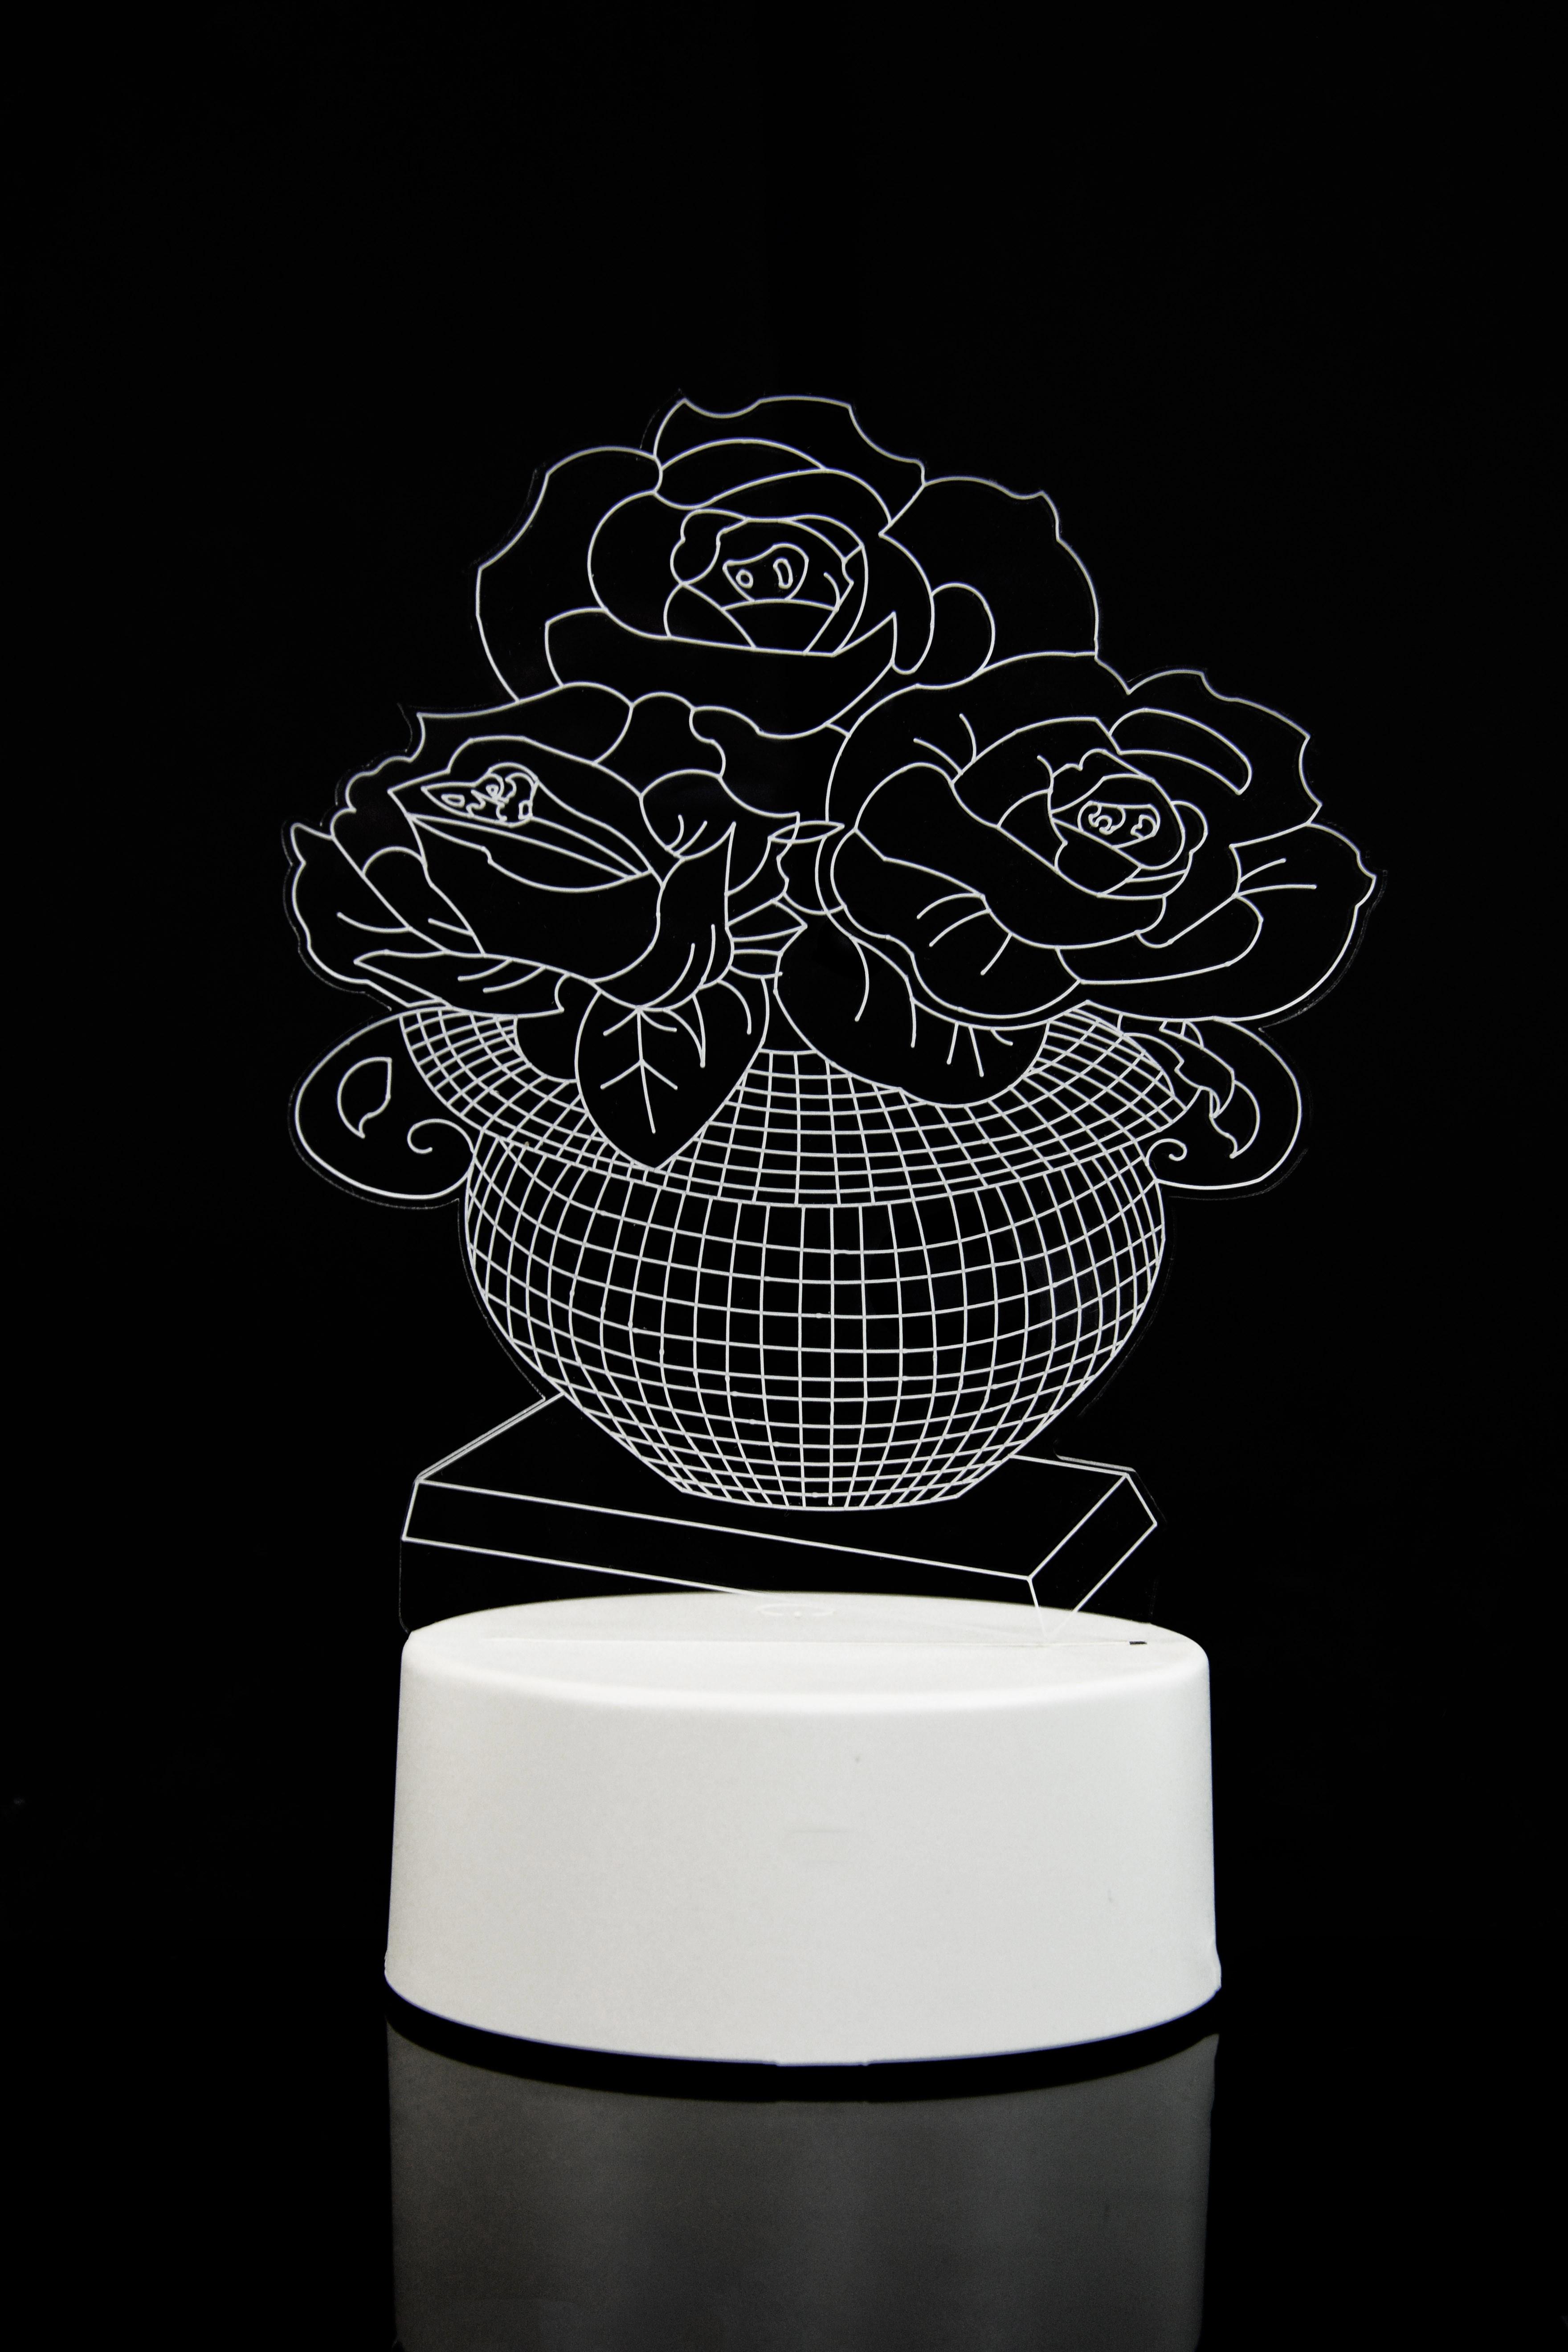 3D светильник Розы в вазе 3 цвета в Ярославле